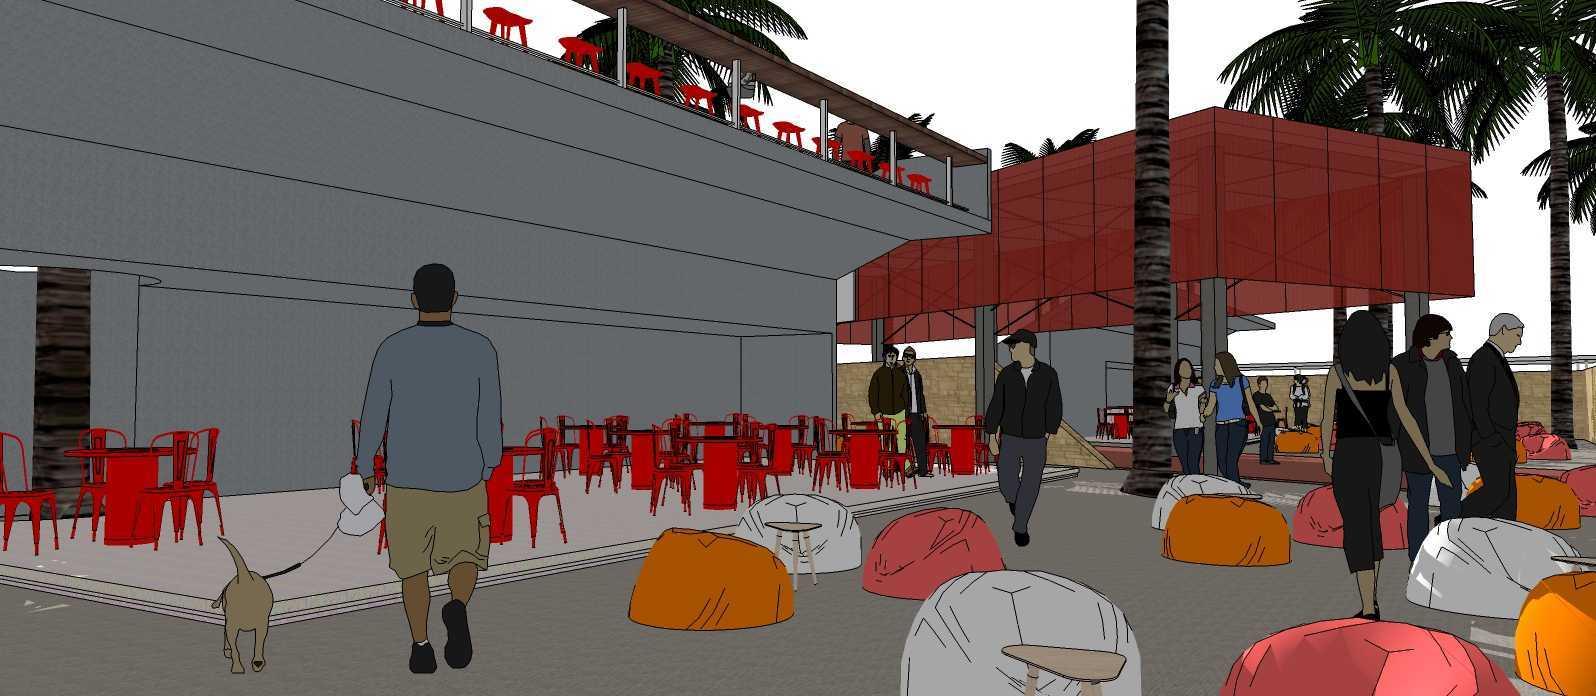 Atelier Ara La La La Canggu, Kuta Utara, Kabupaten Badung, Bali, Indonesia Canggu, Kuta Utara, Kabupaten Badung, Bali, Indonesia Atelier-Ara-La-La-La  68316